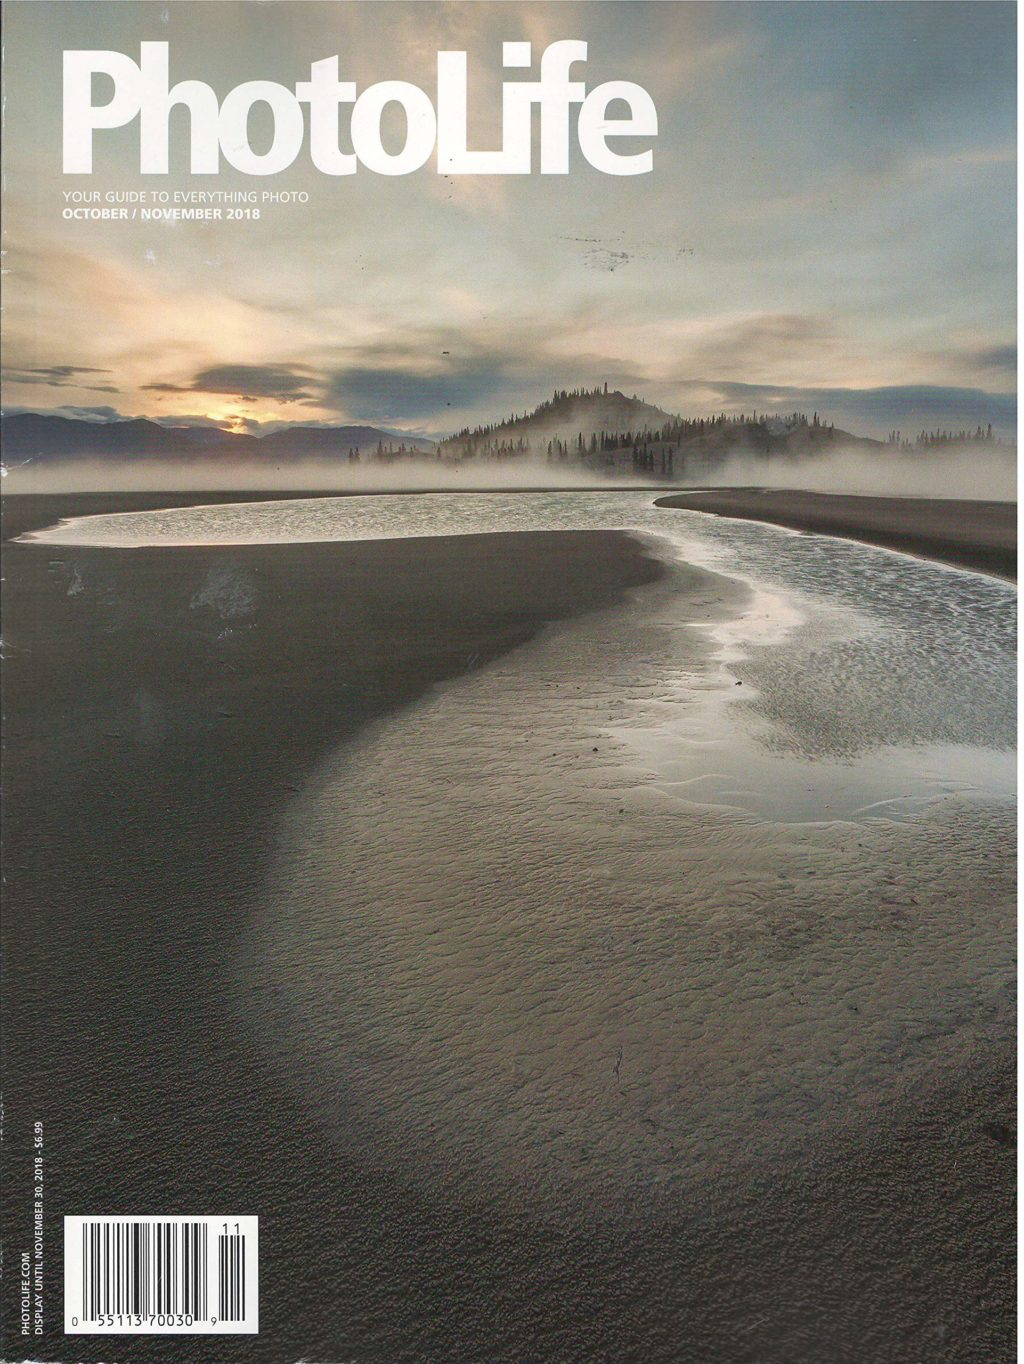 photolife magazine